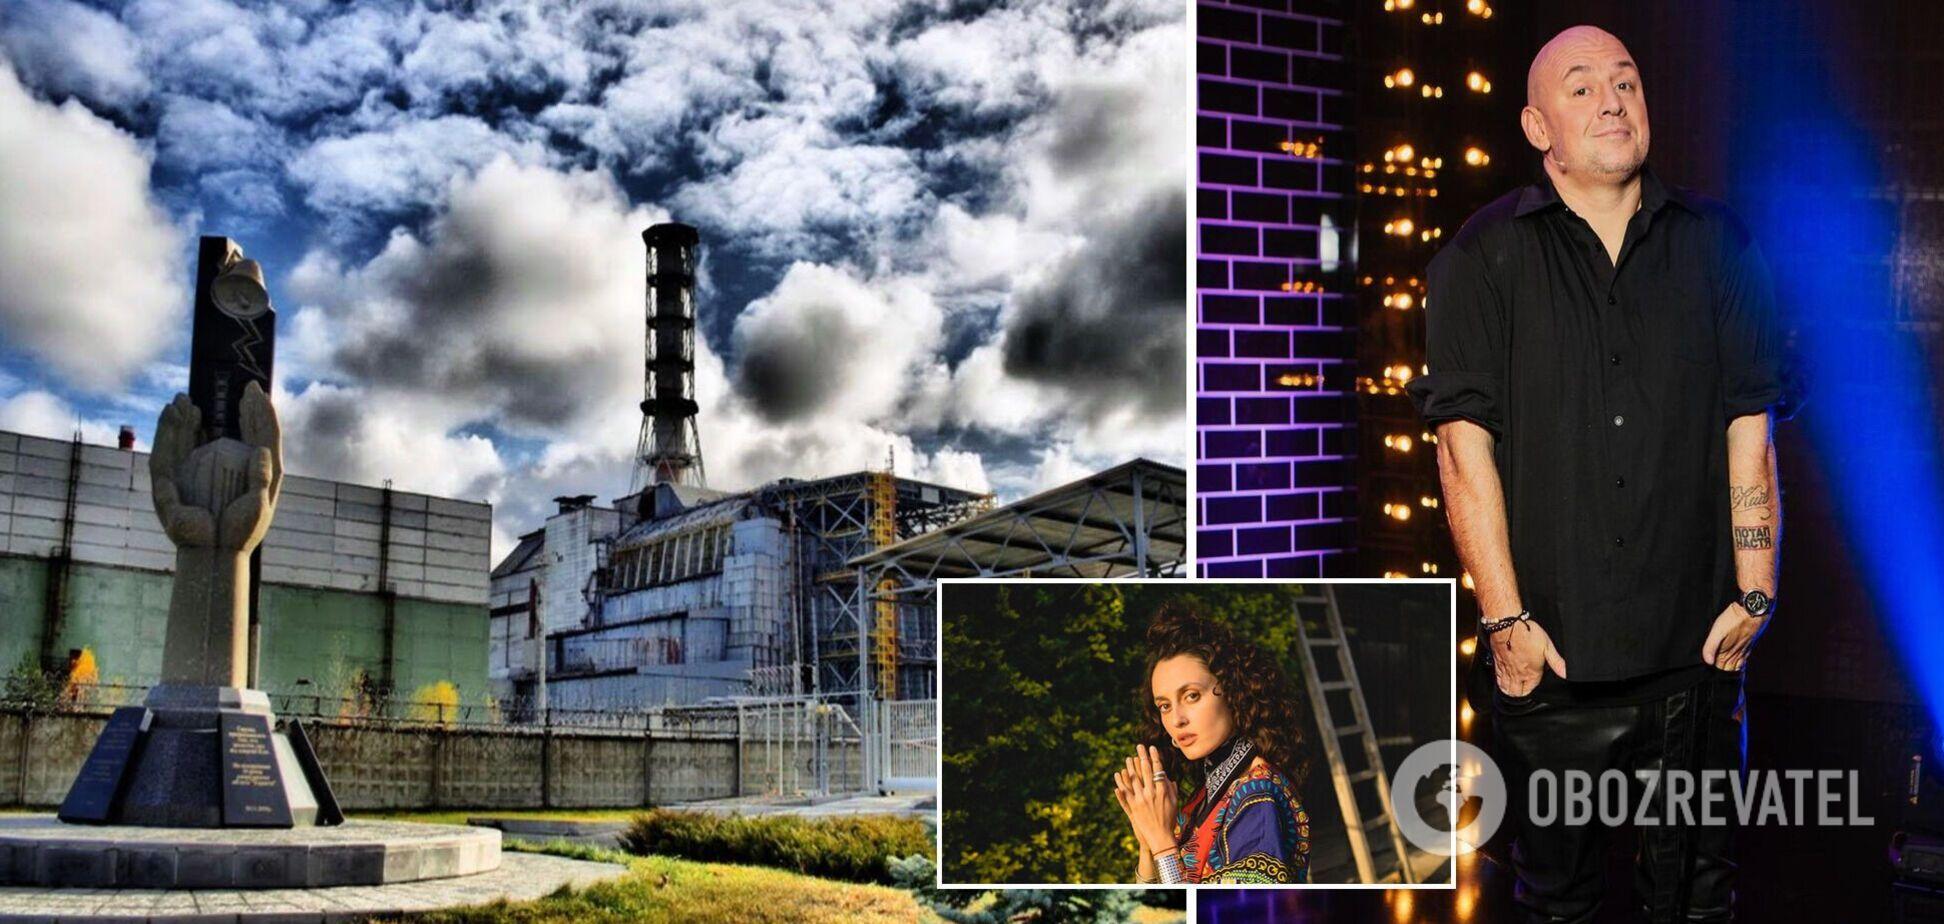 Украинские звезды посвятили 35-й годовщине катастрофы на Чернобыльской АЭС музыкальный сингл'Вальс 86